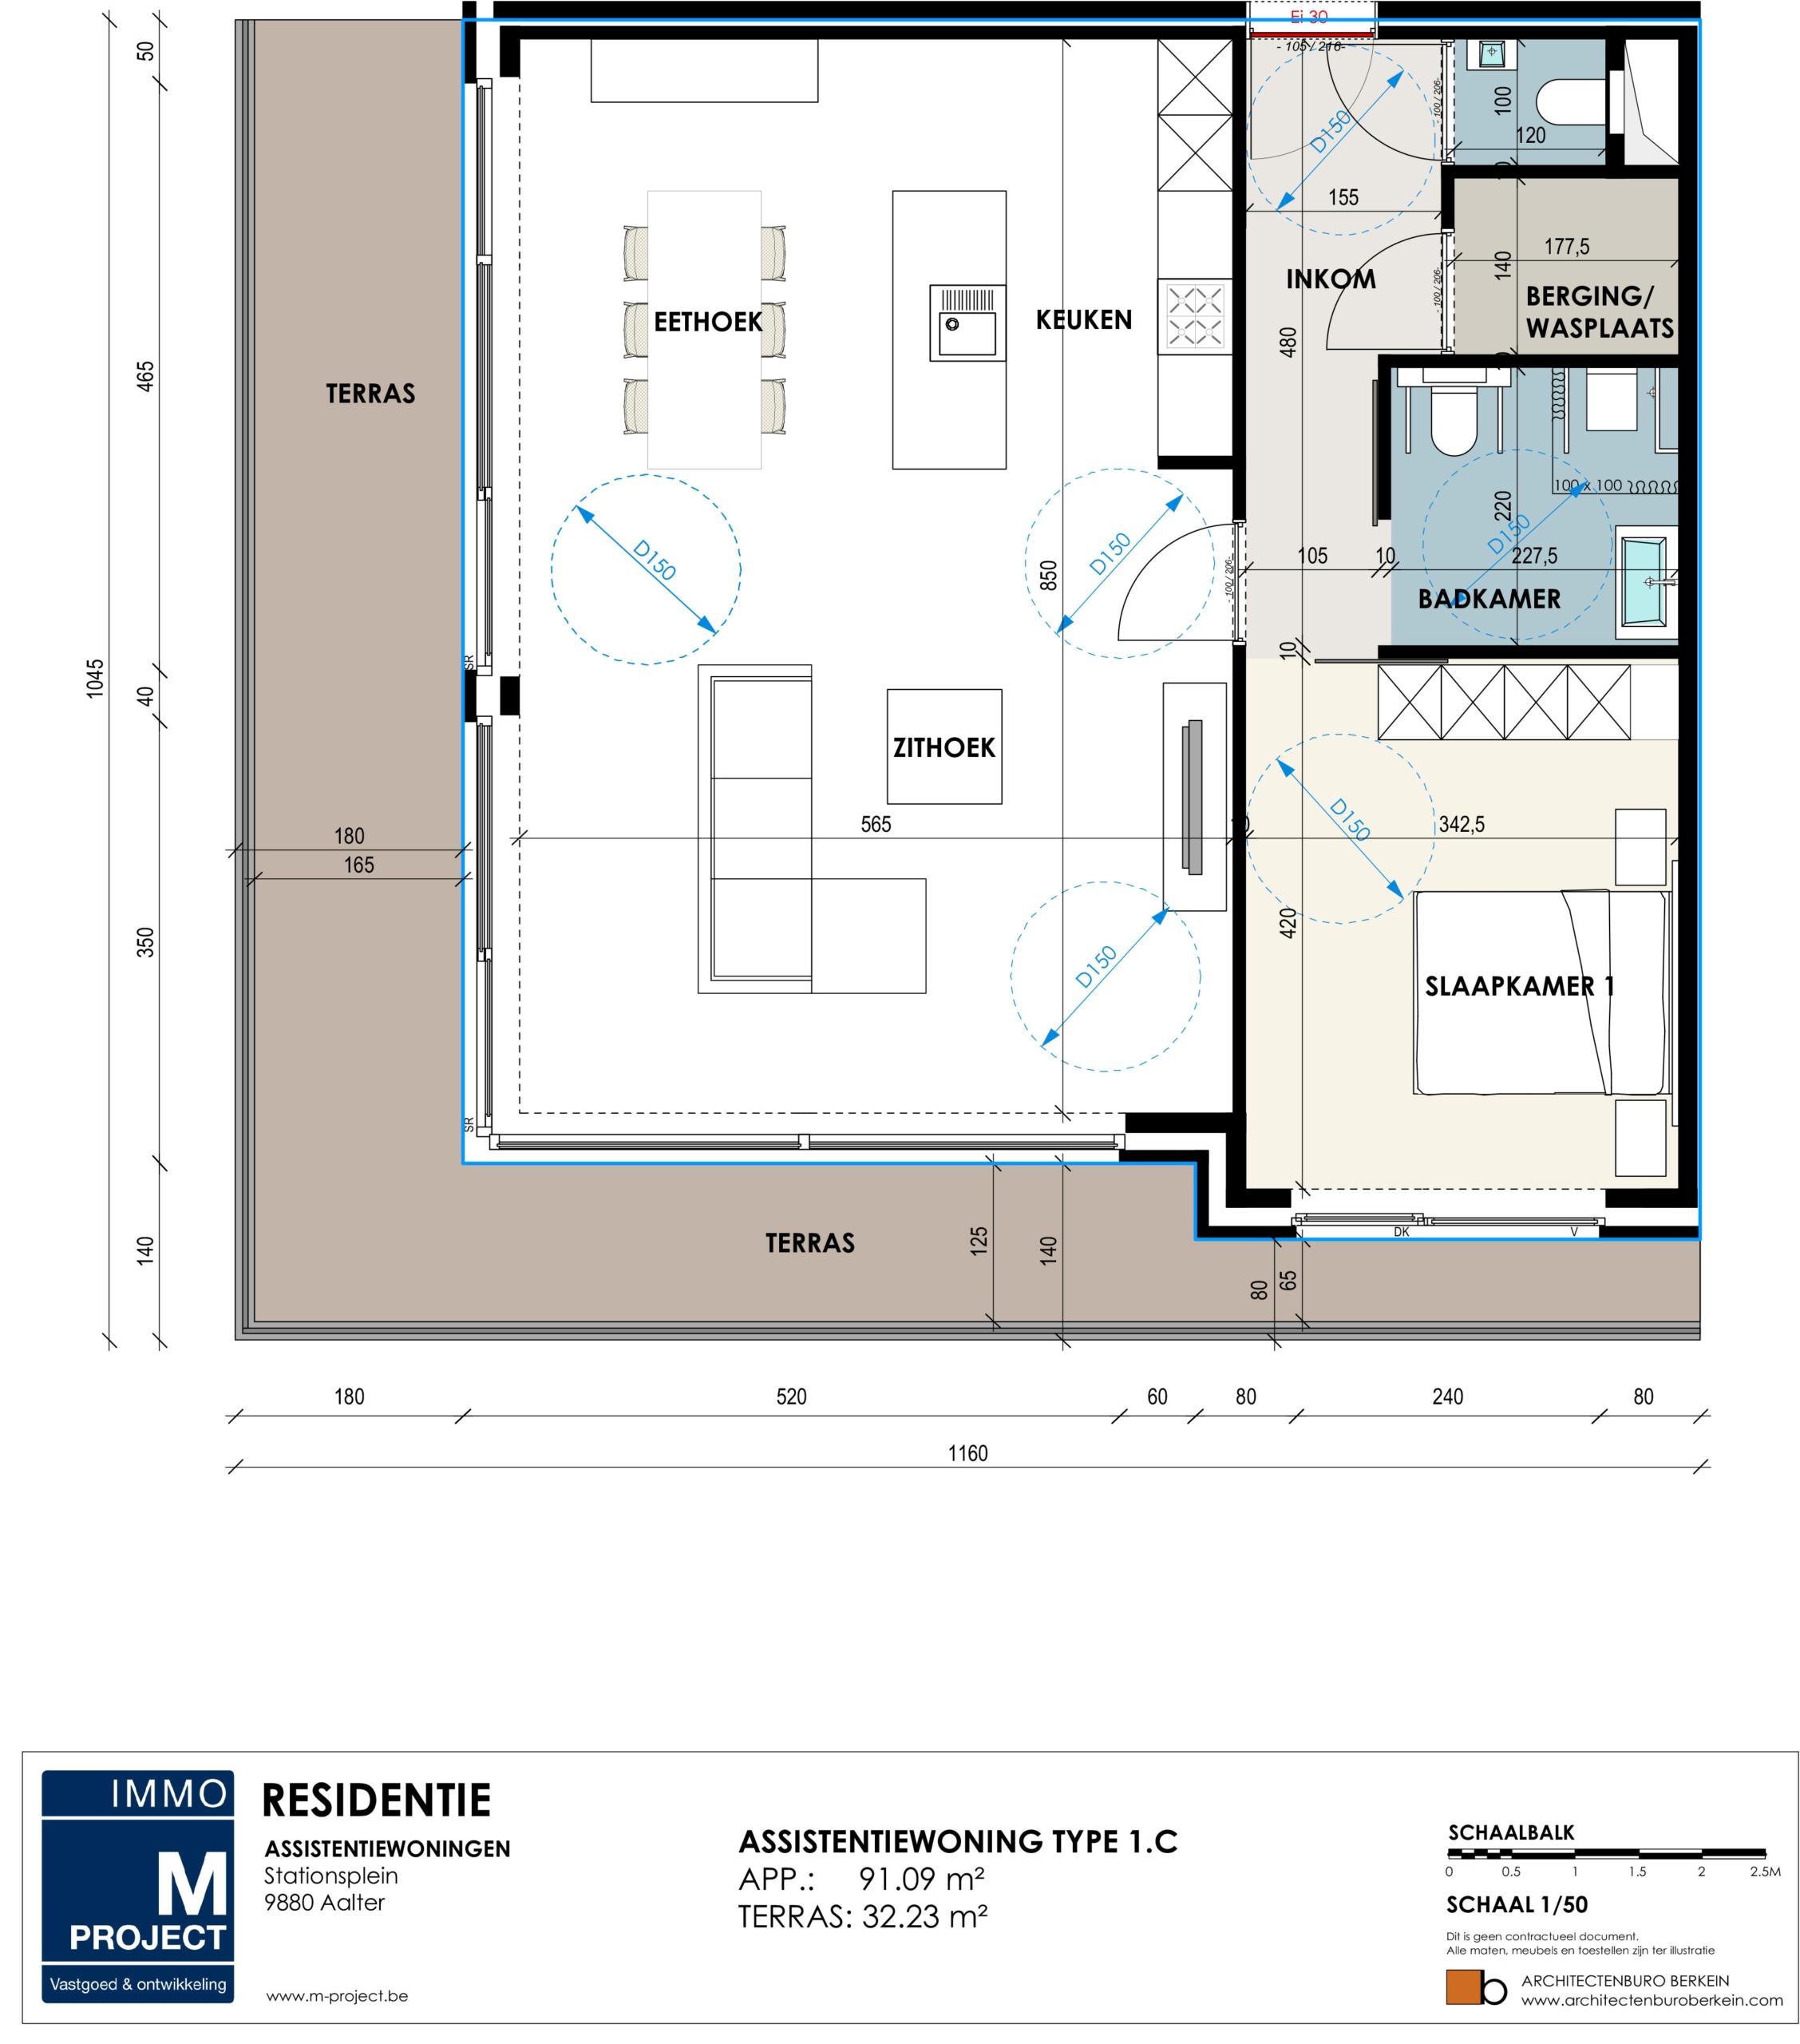 Moderne serviceflats voor senioren te Residentie Academie - appartement type 1C